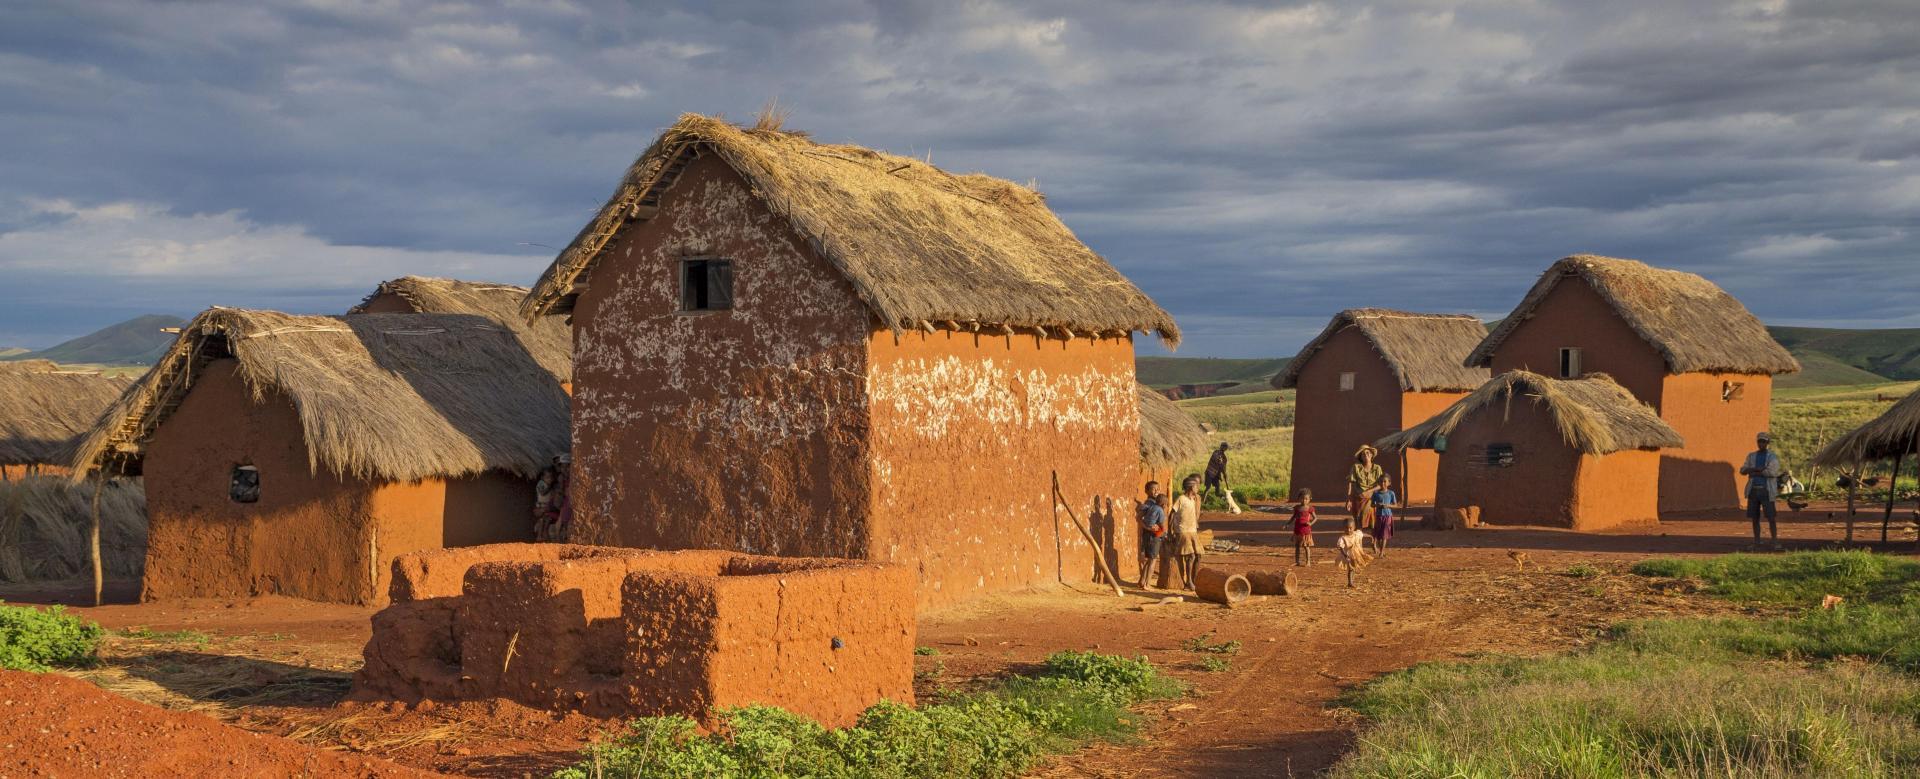 Voyage à pied Madagascar : L'île aux montagnes rouges